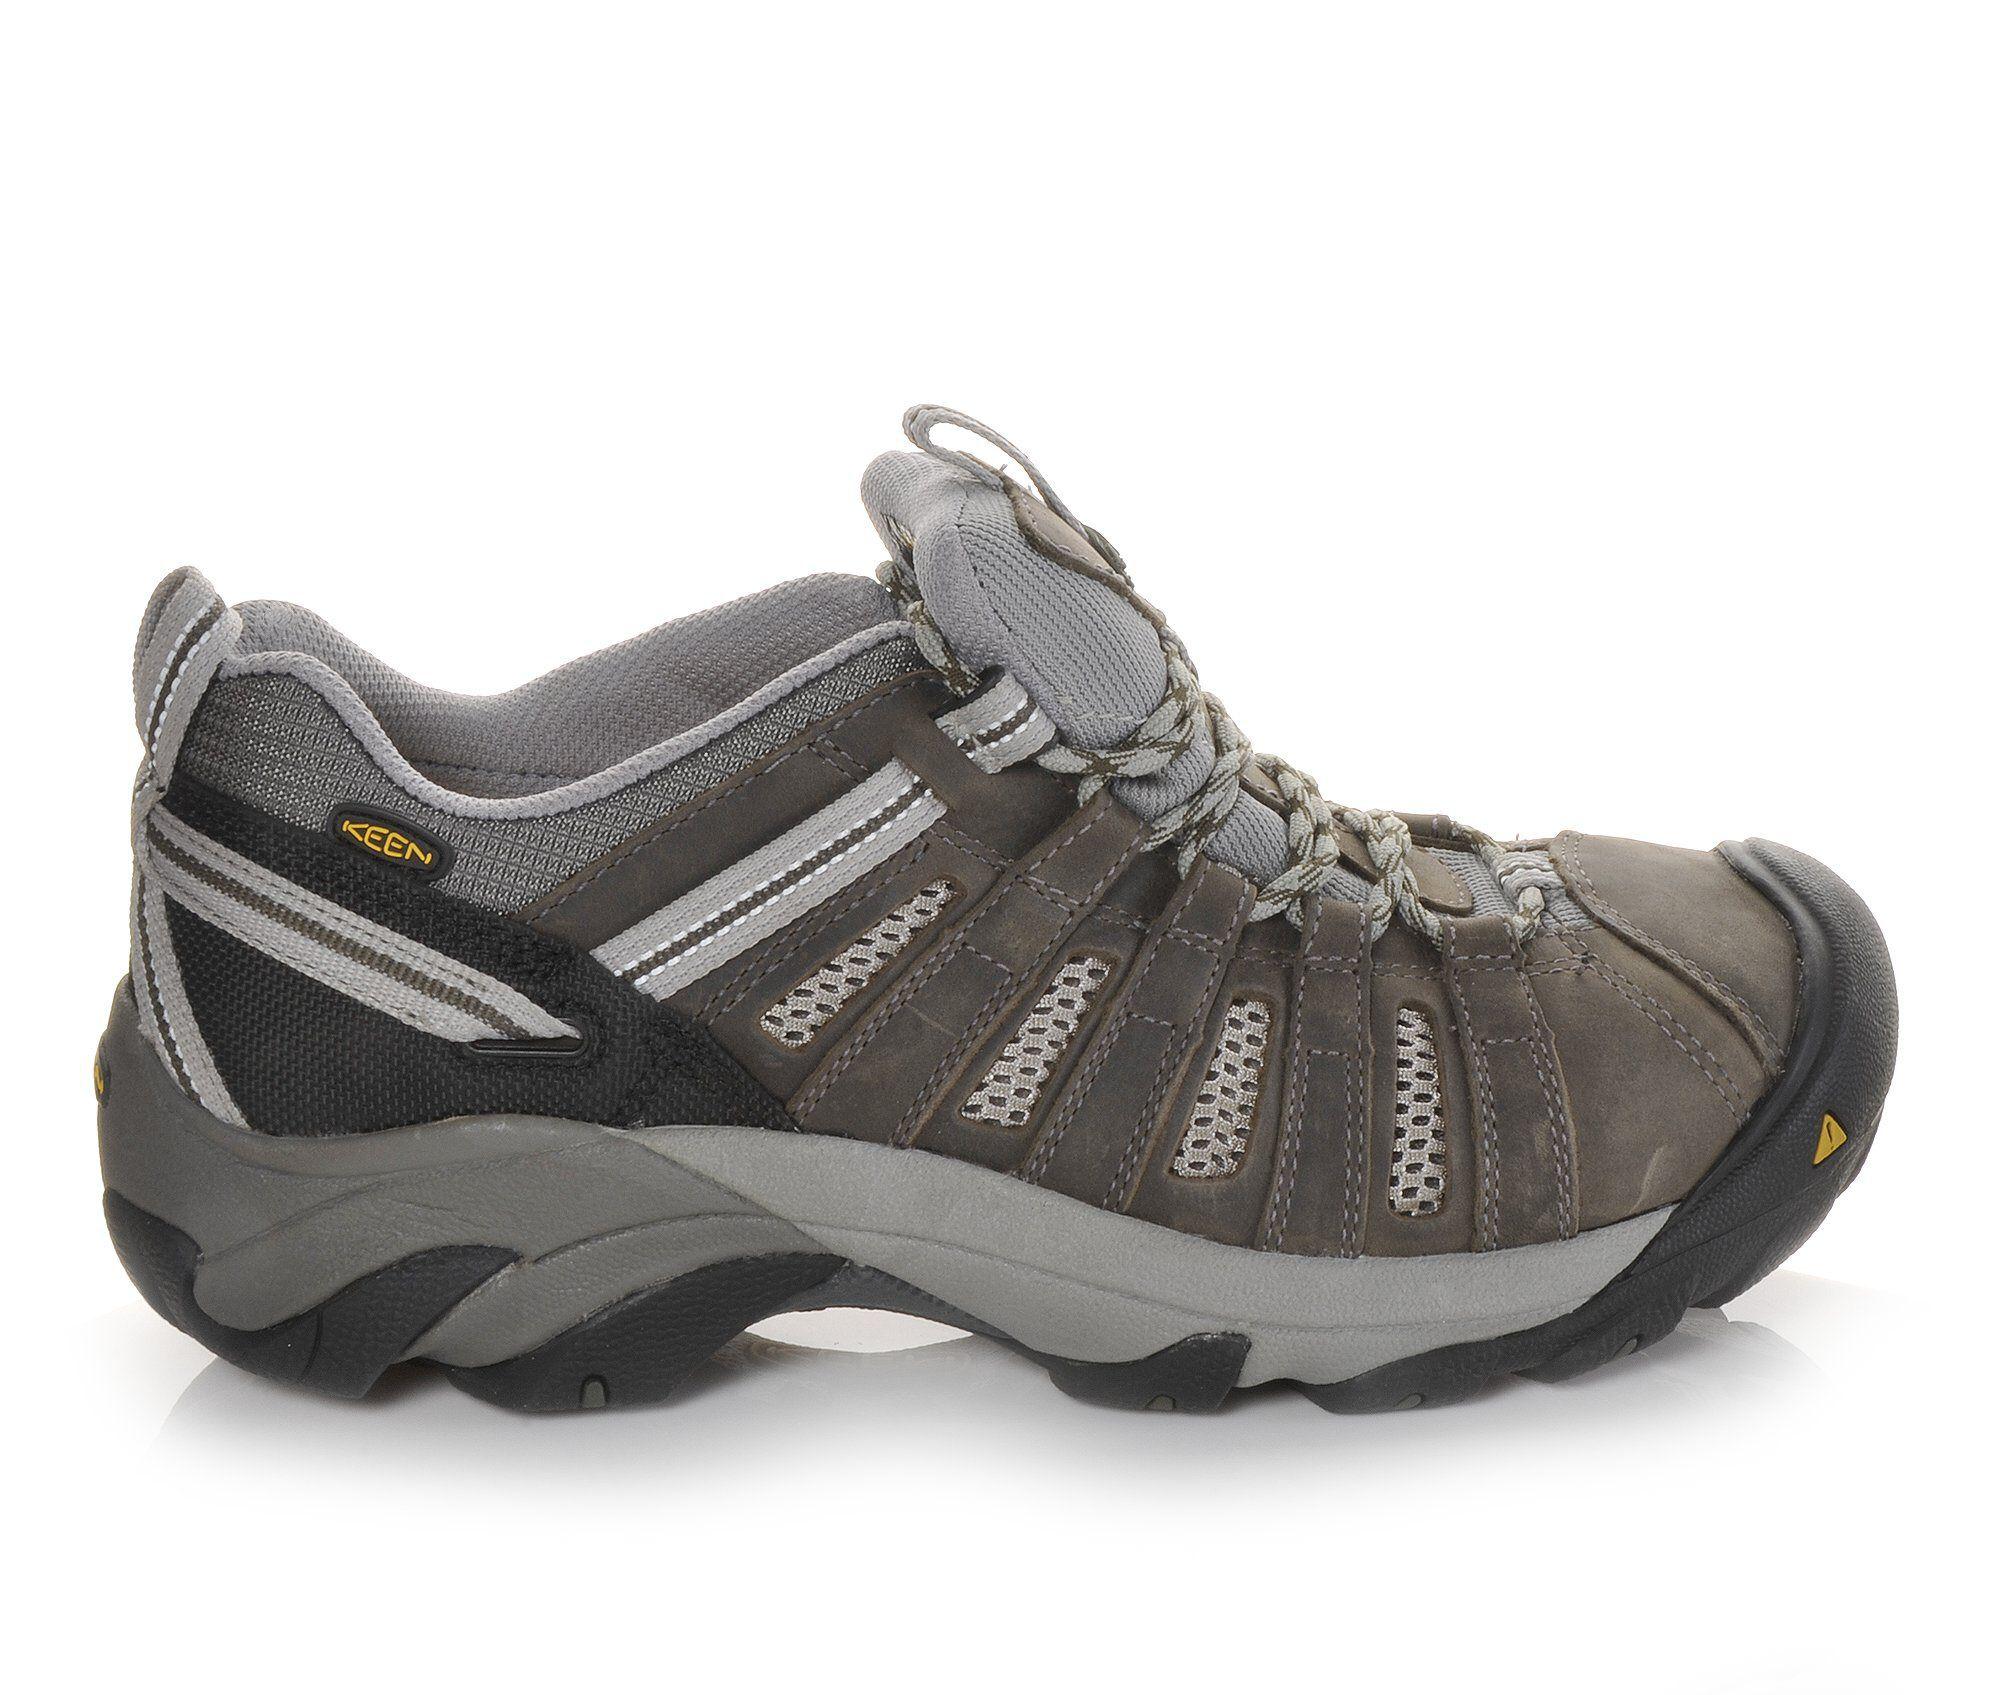 find discount Men's KEEN Utility Flint Low Steel Toe Work Shoes Gargoyle/Forest